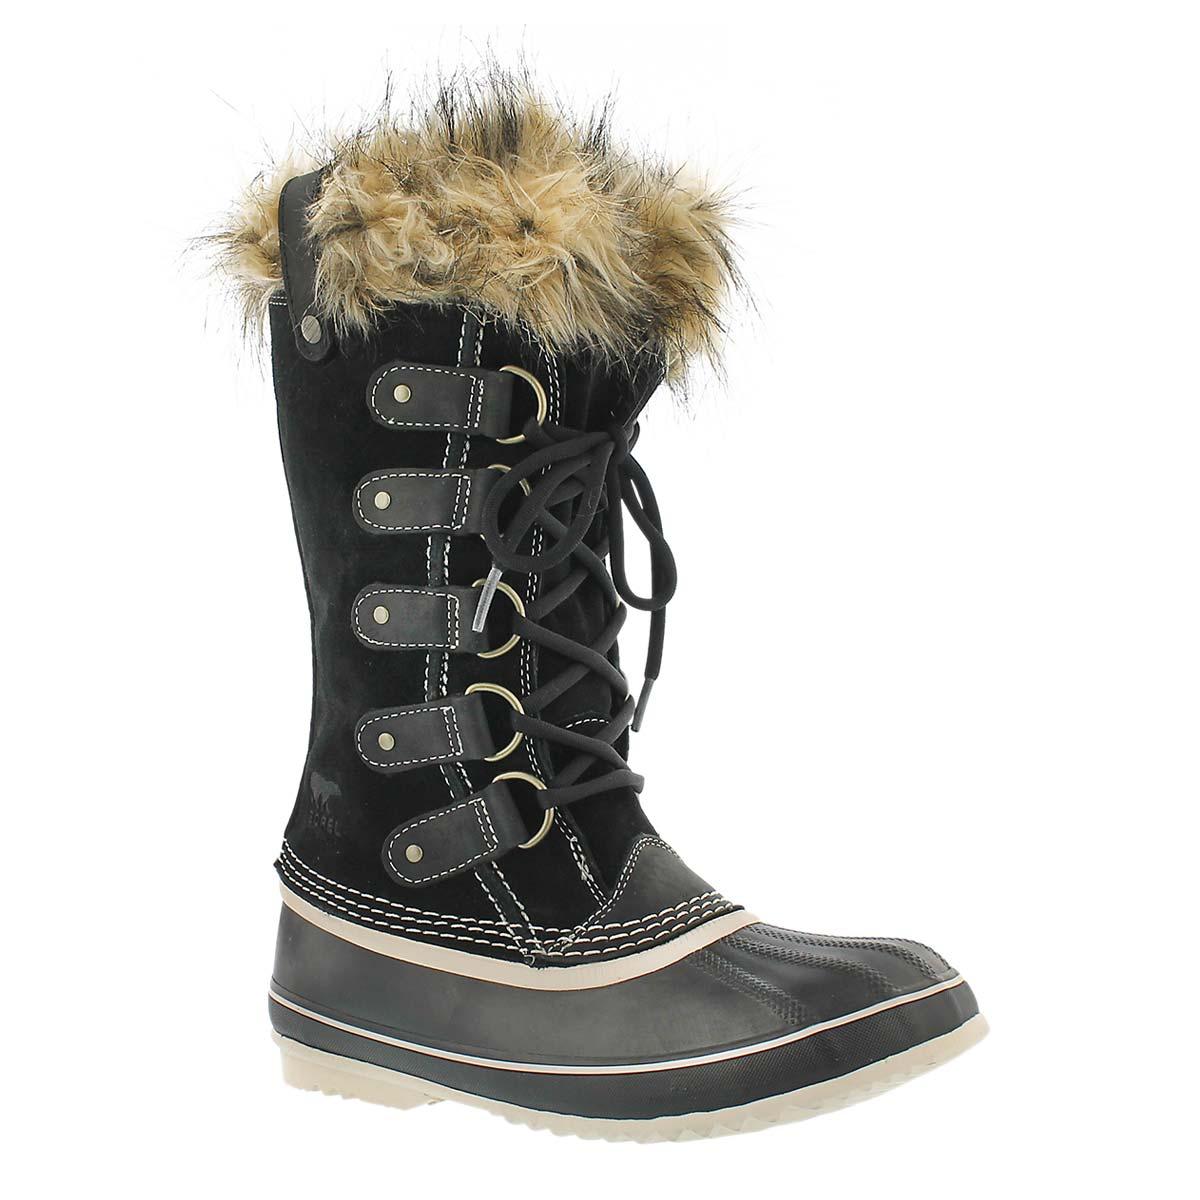 Womens Sorel Boots